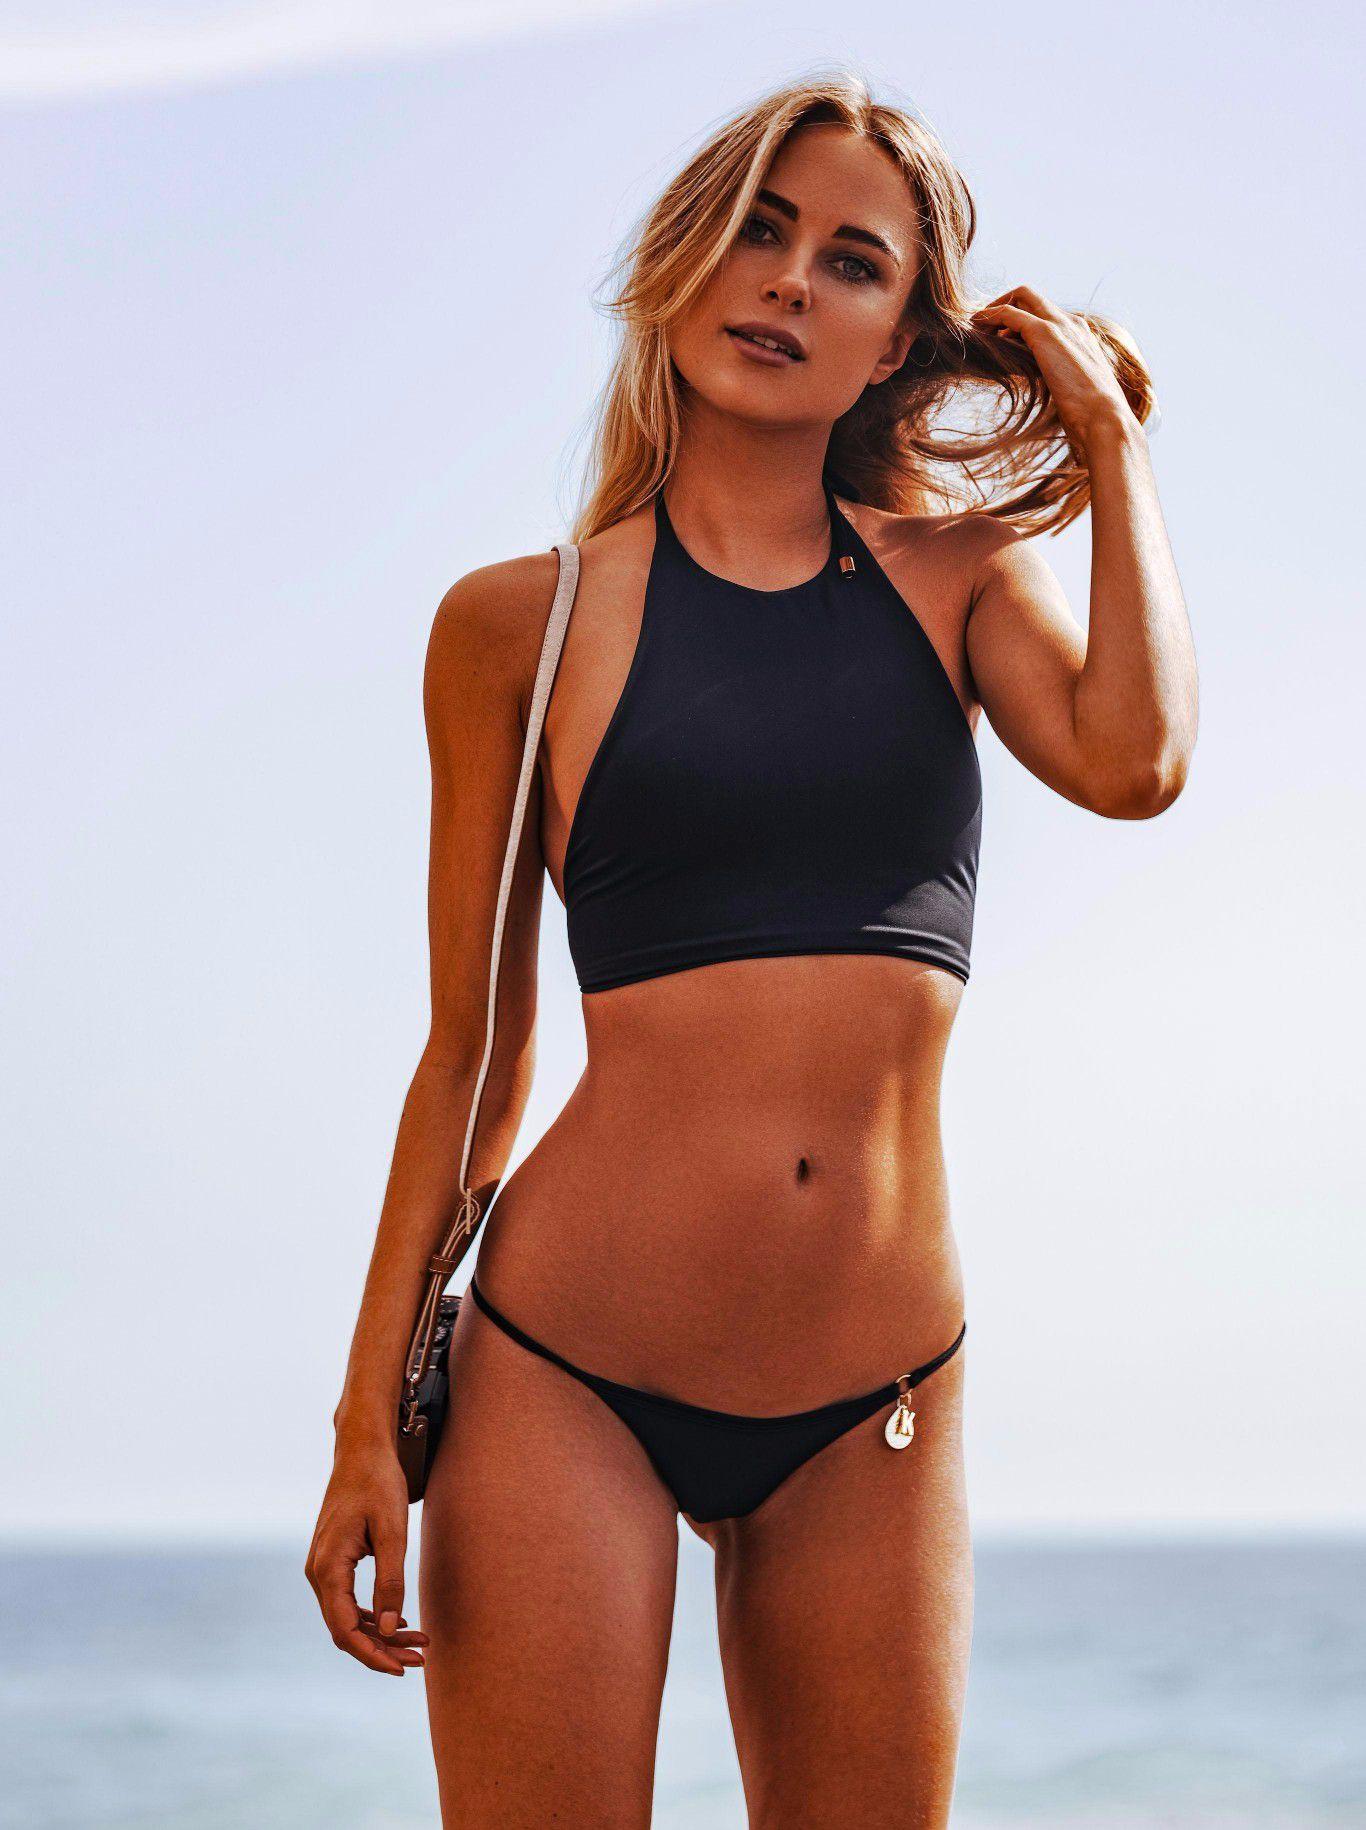 Kimberley-Garner-Super-Hot-In-Bikini-In-Ibiza-2548 -6923